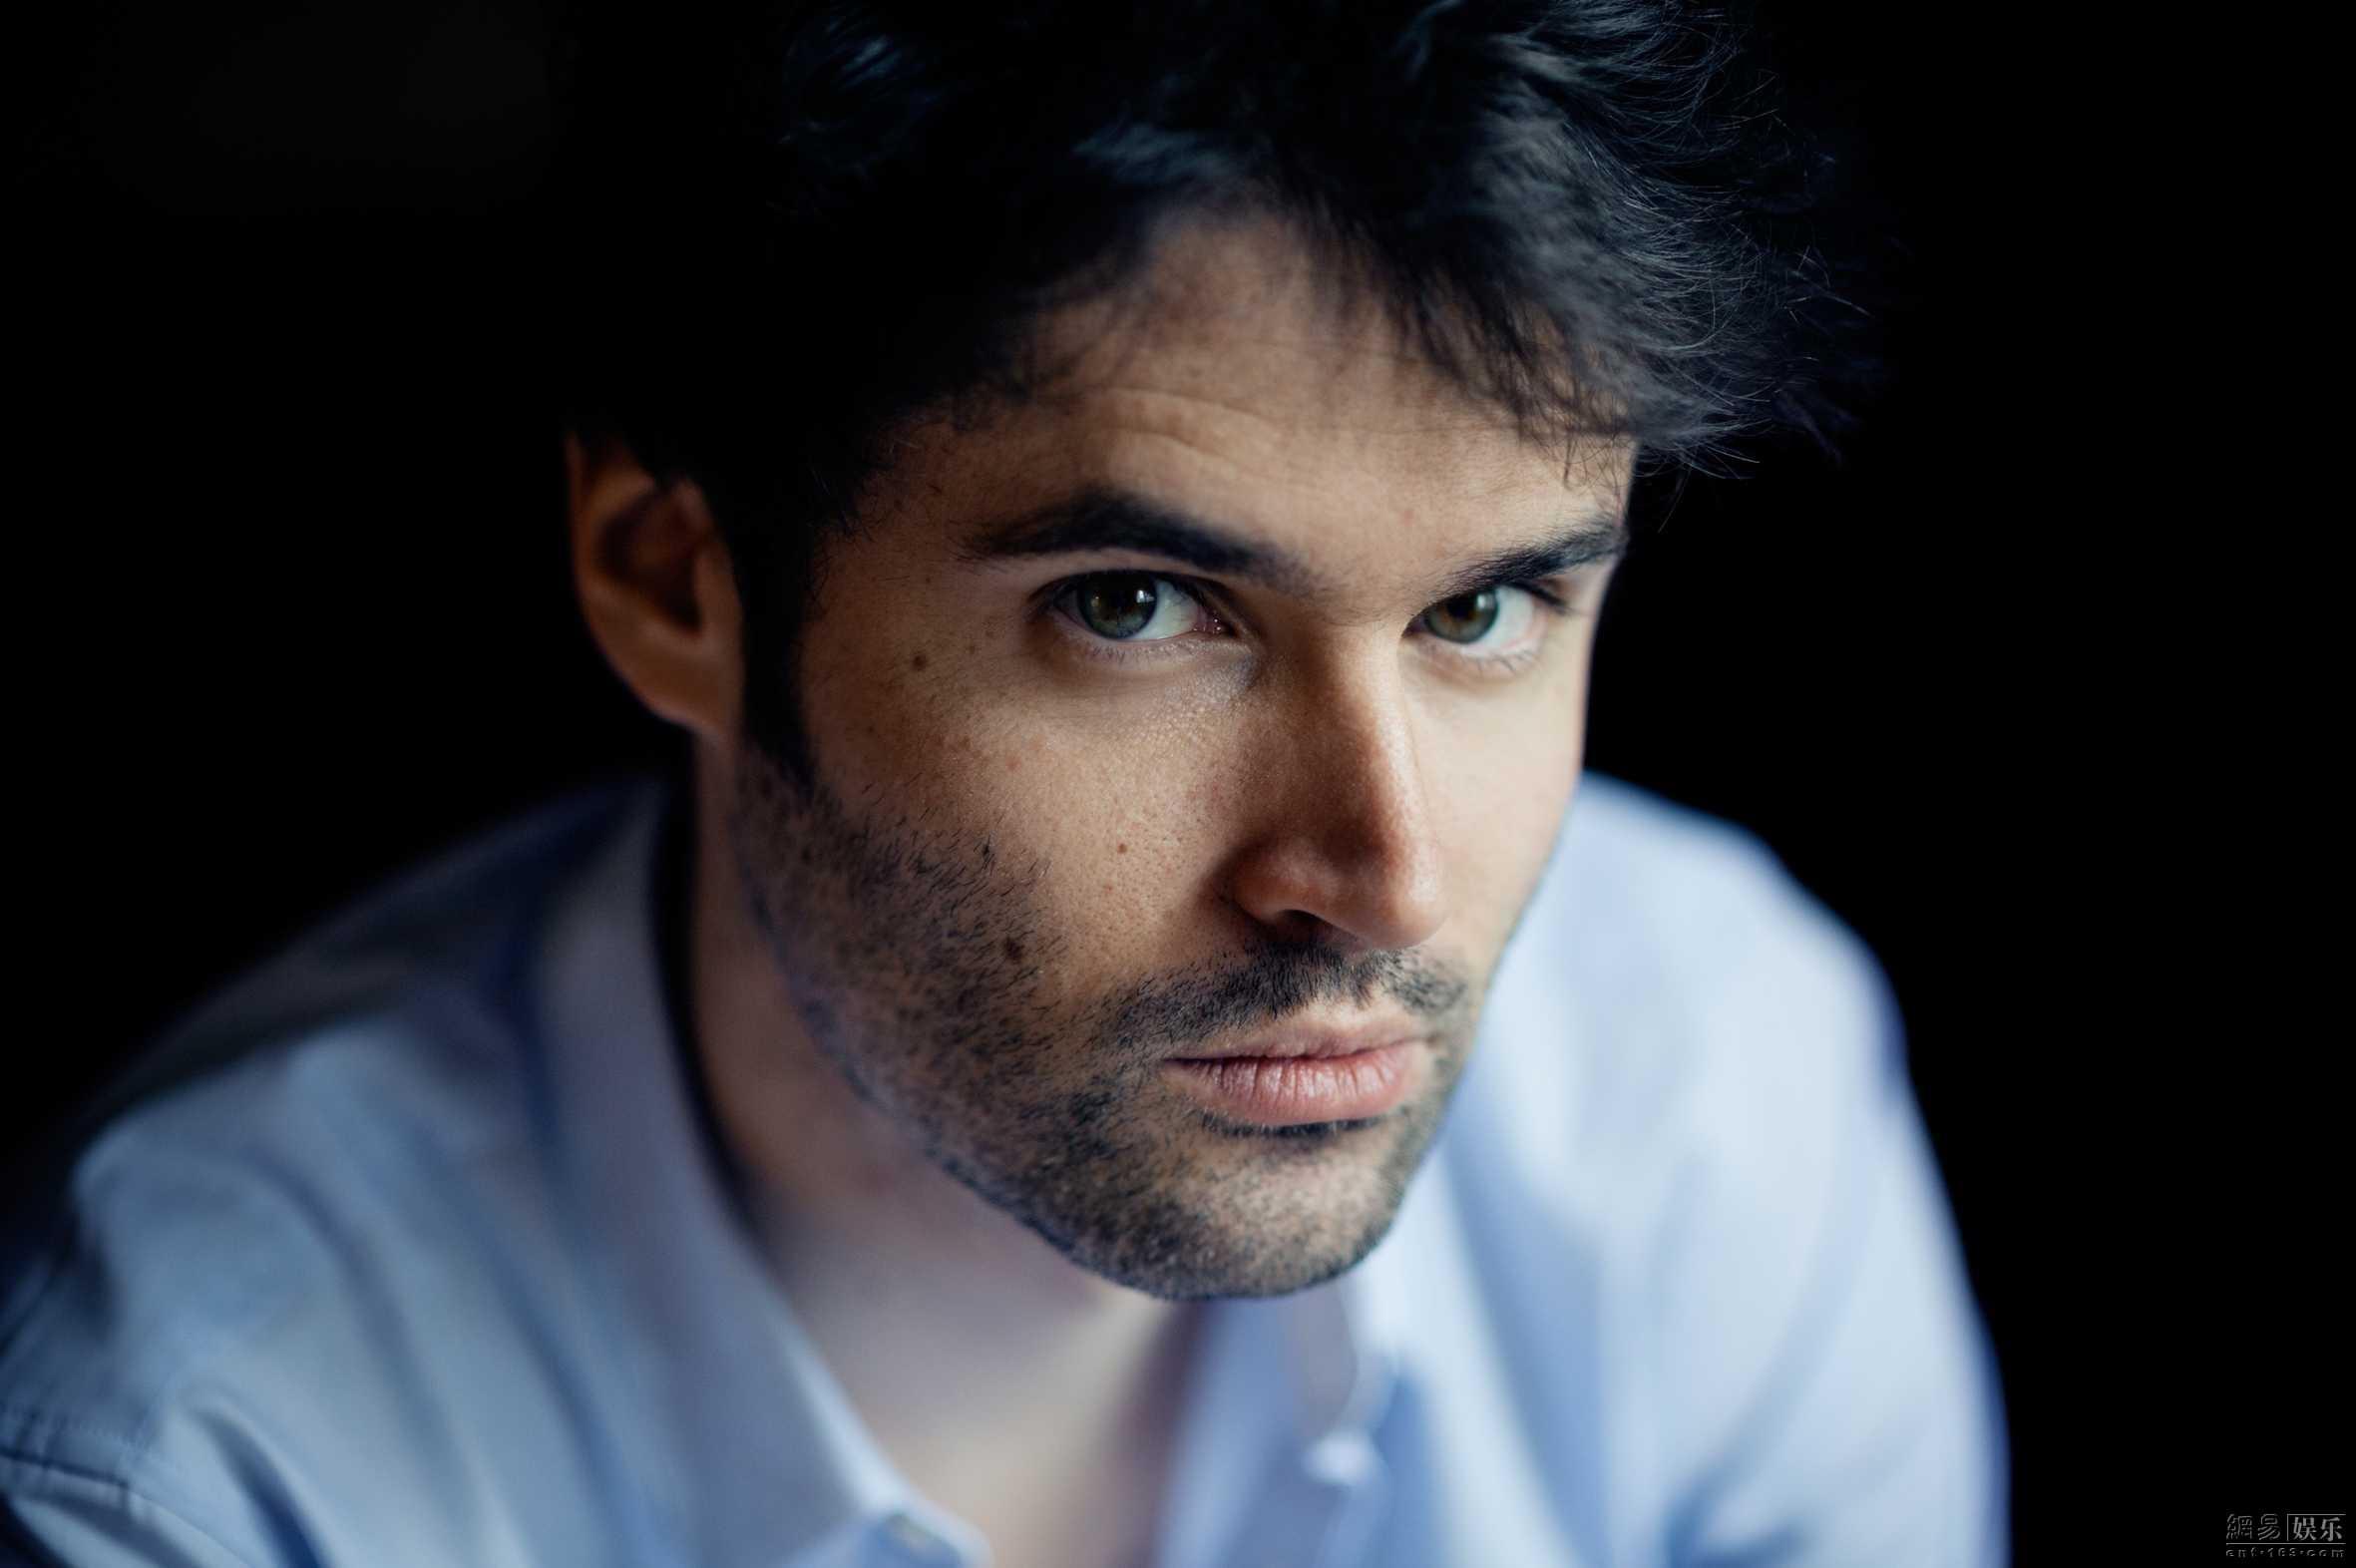 保罗·雷新专首发 融合爵士乐与古典乐